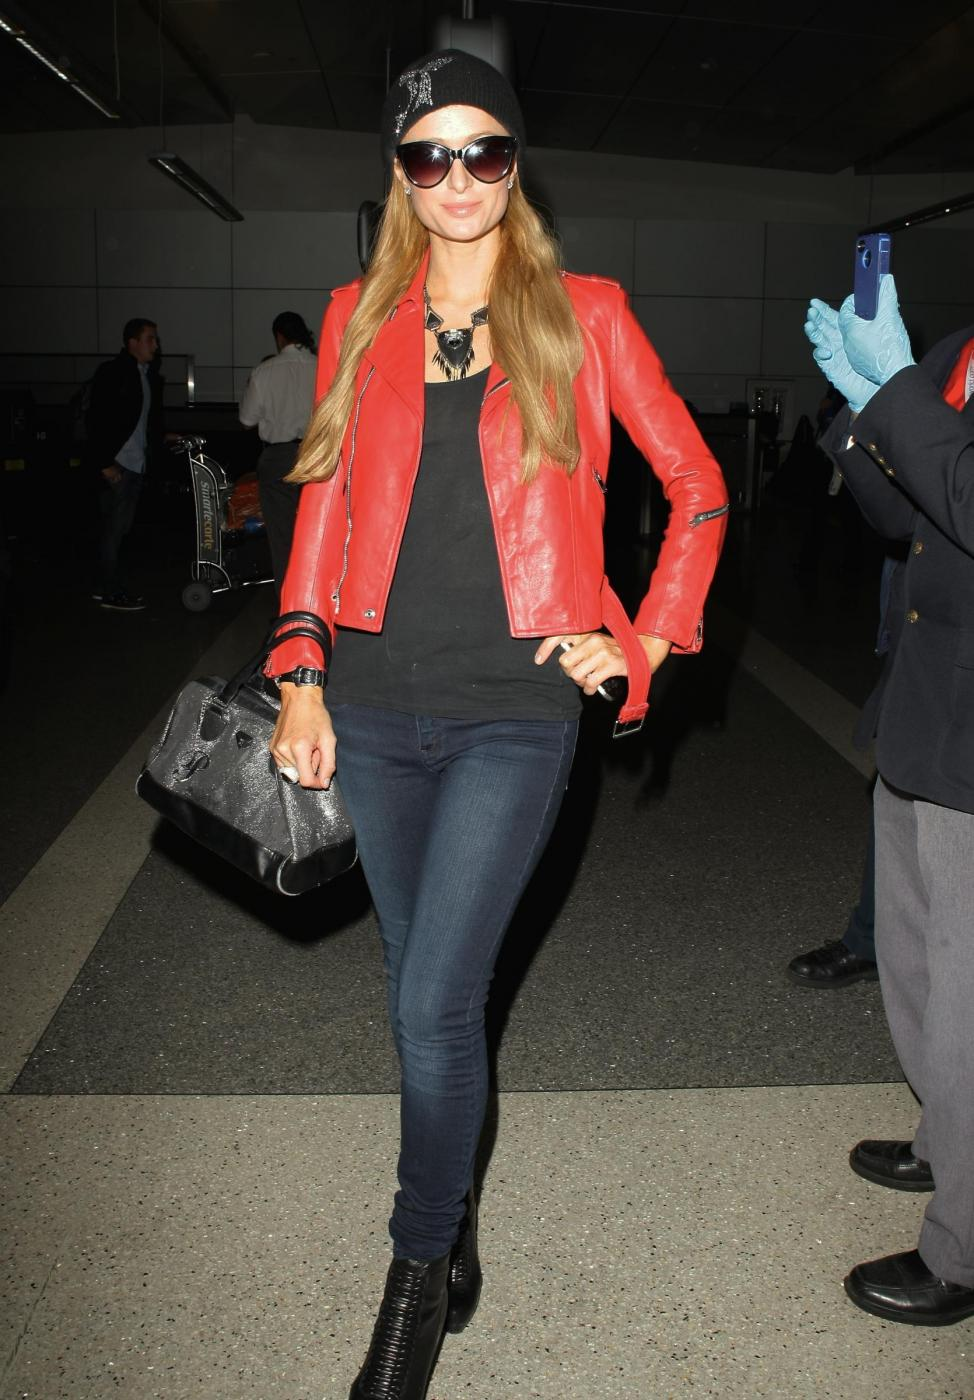 Paris Hilton in giacca di pelle rossa all'aeroporto02